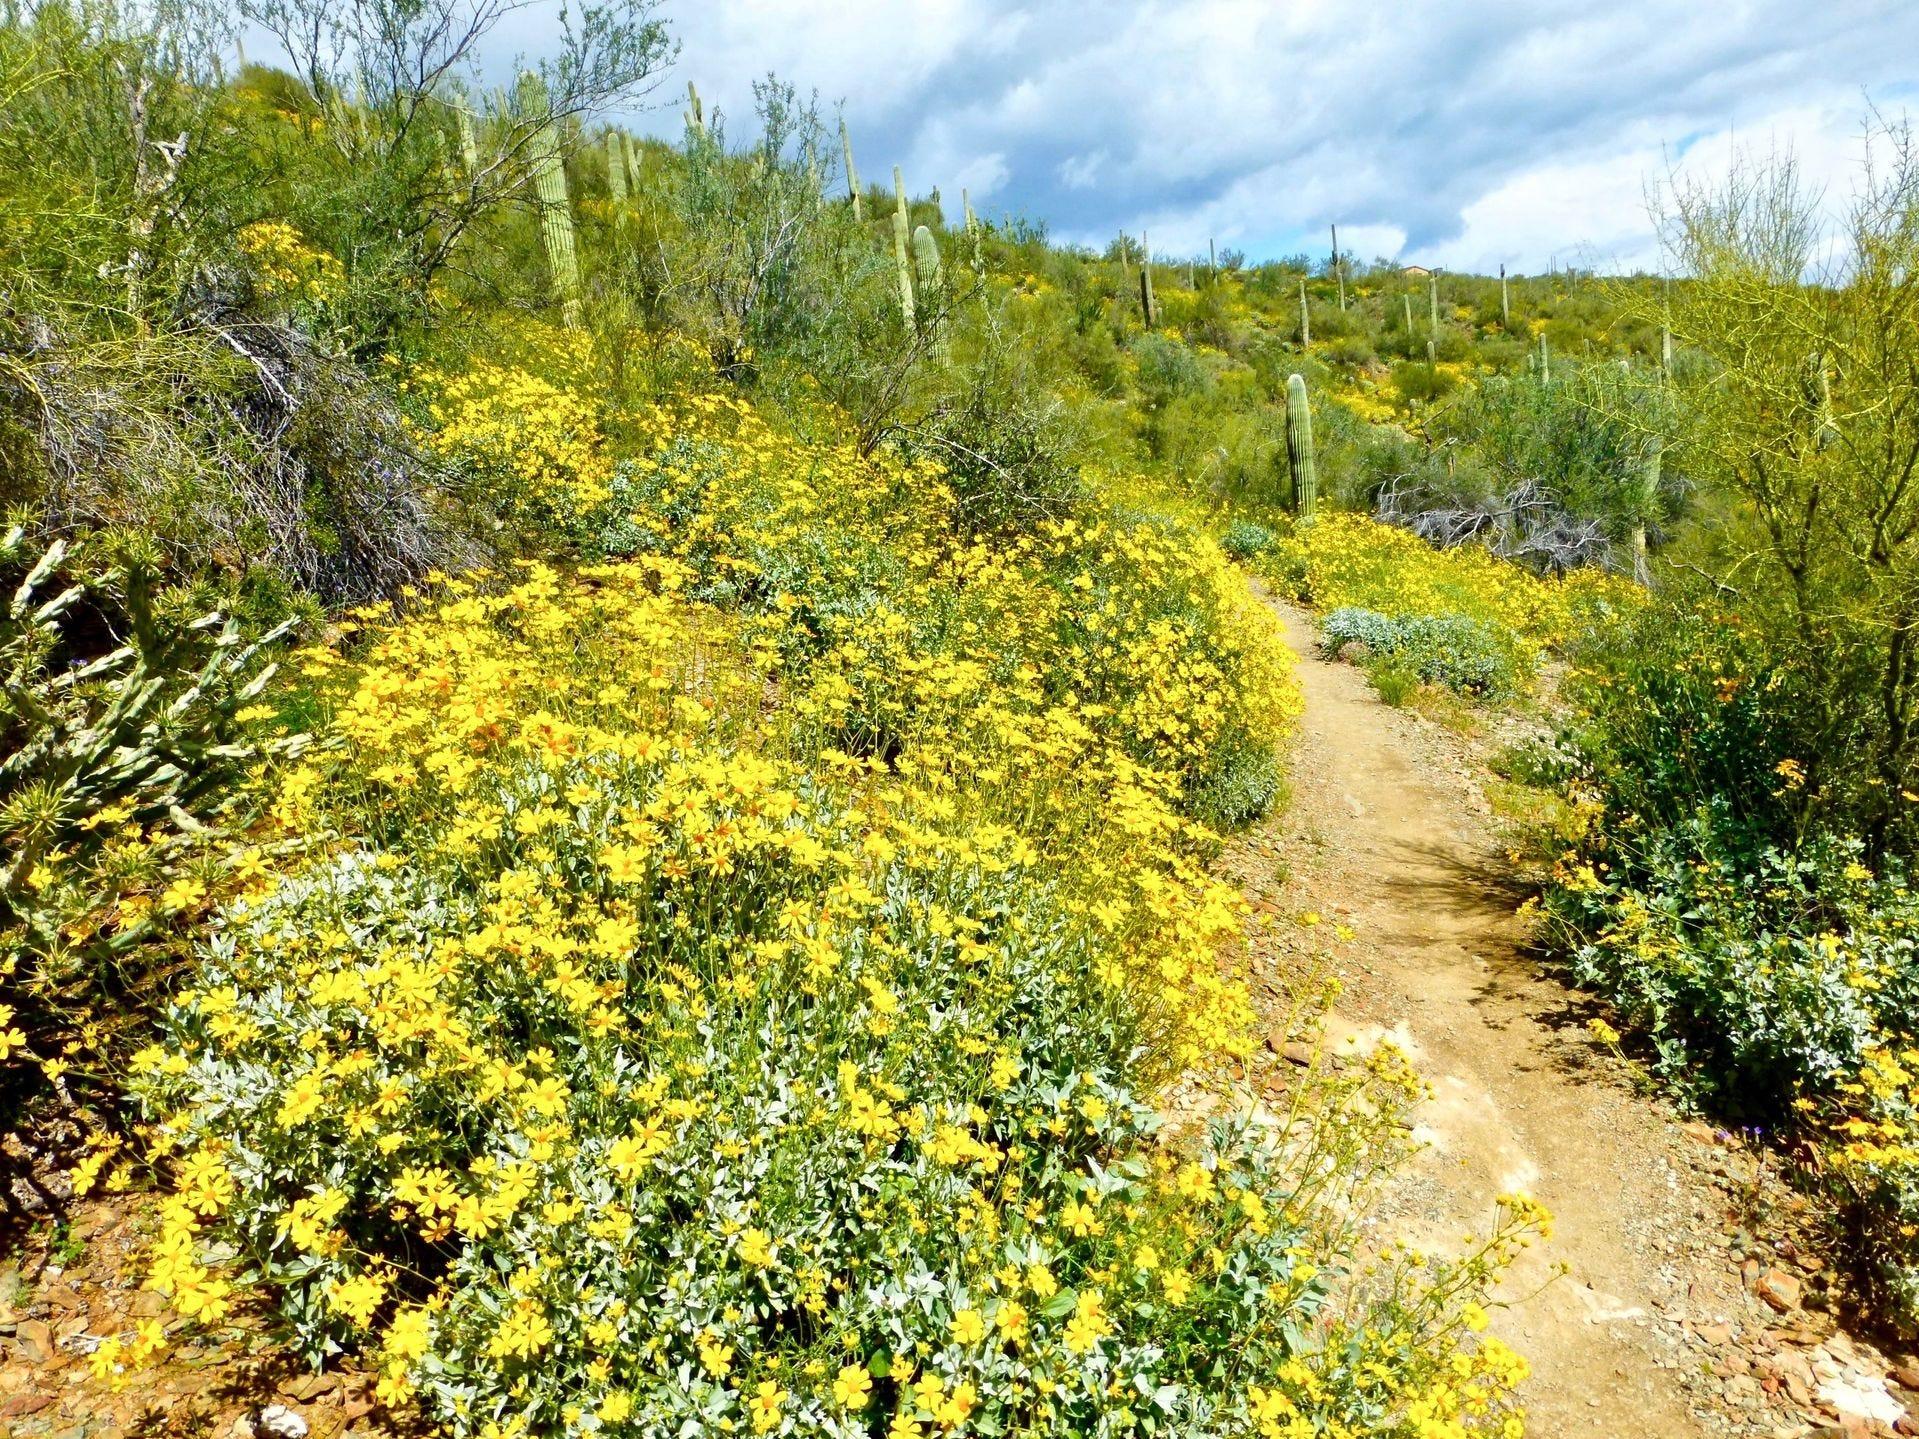 Las flores silvestres agregan un toque de color al desierto de Arizona a fines del invierno y principios de la primavera.